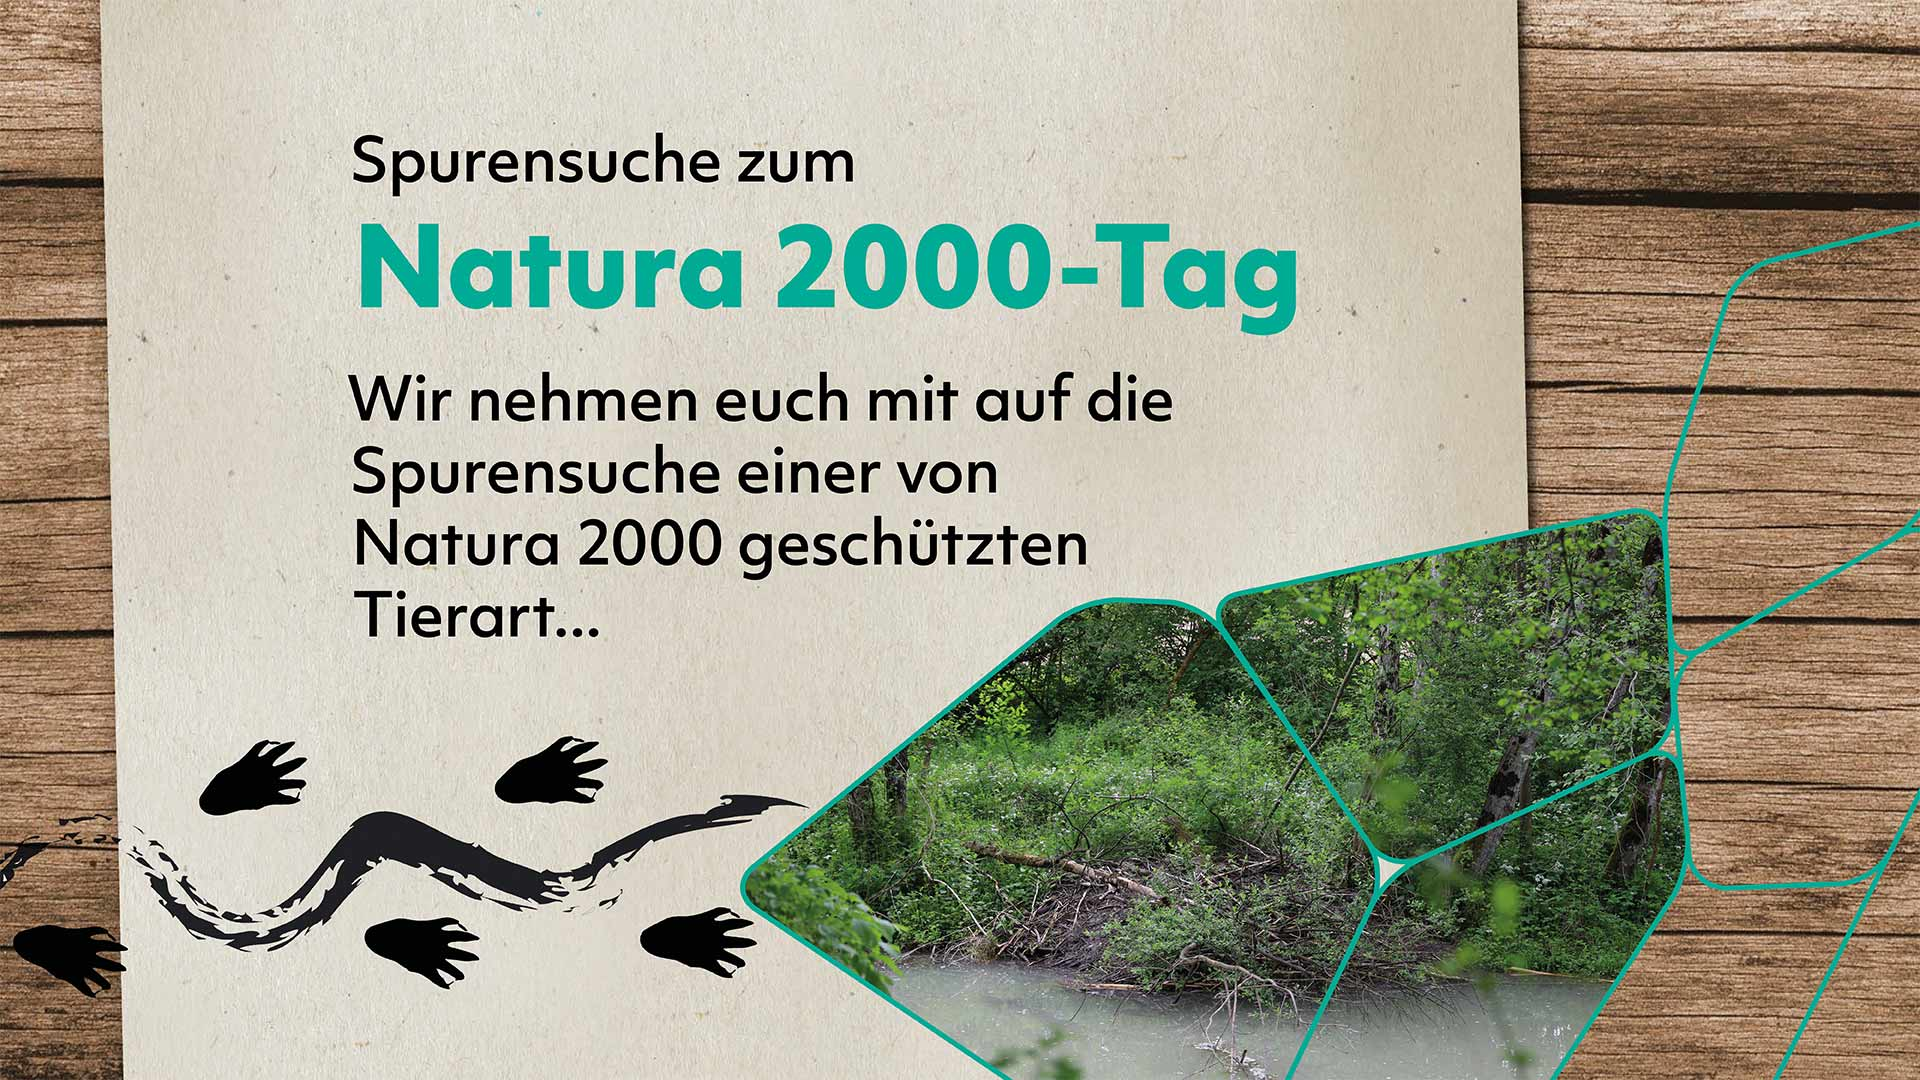 Spurensuche zum Natura 2000-Tag